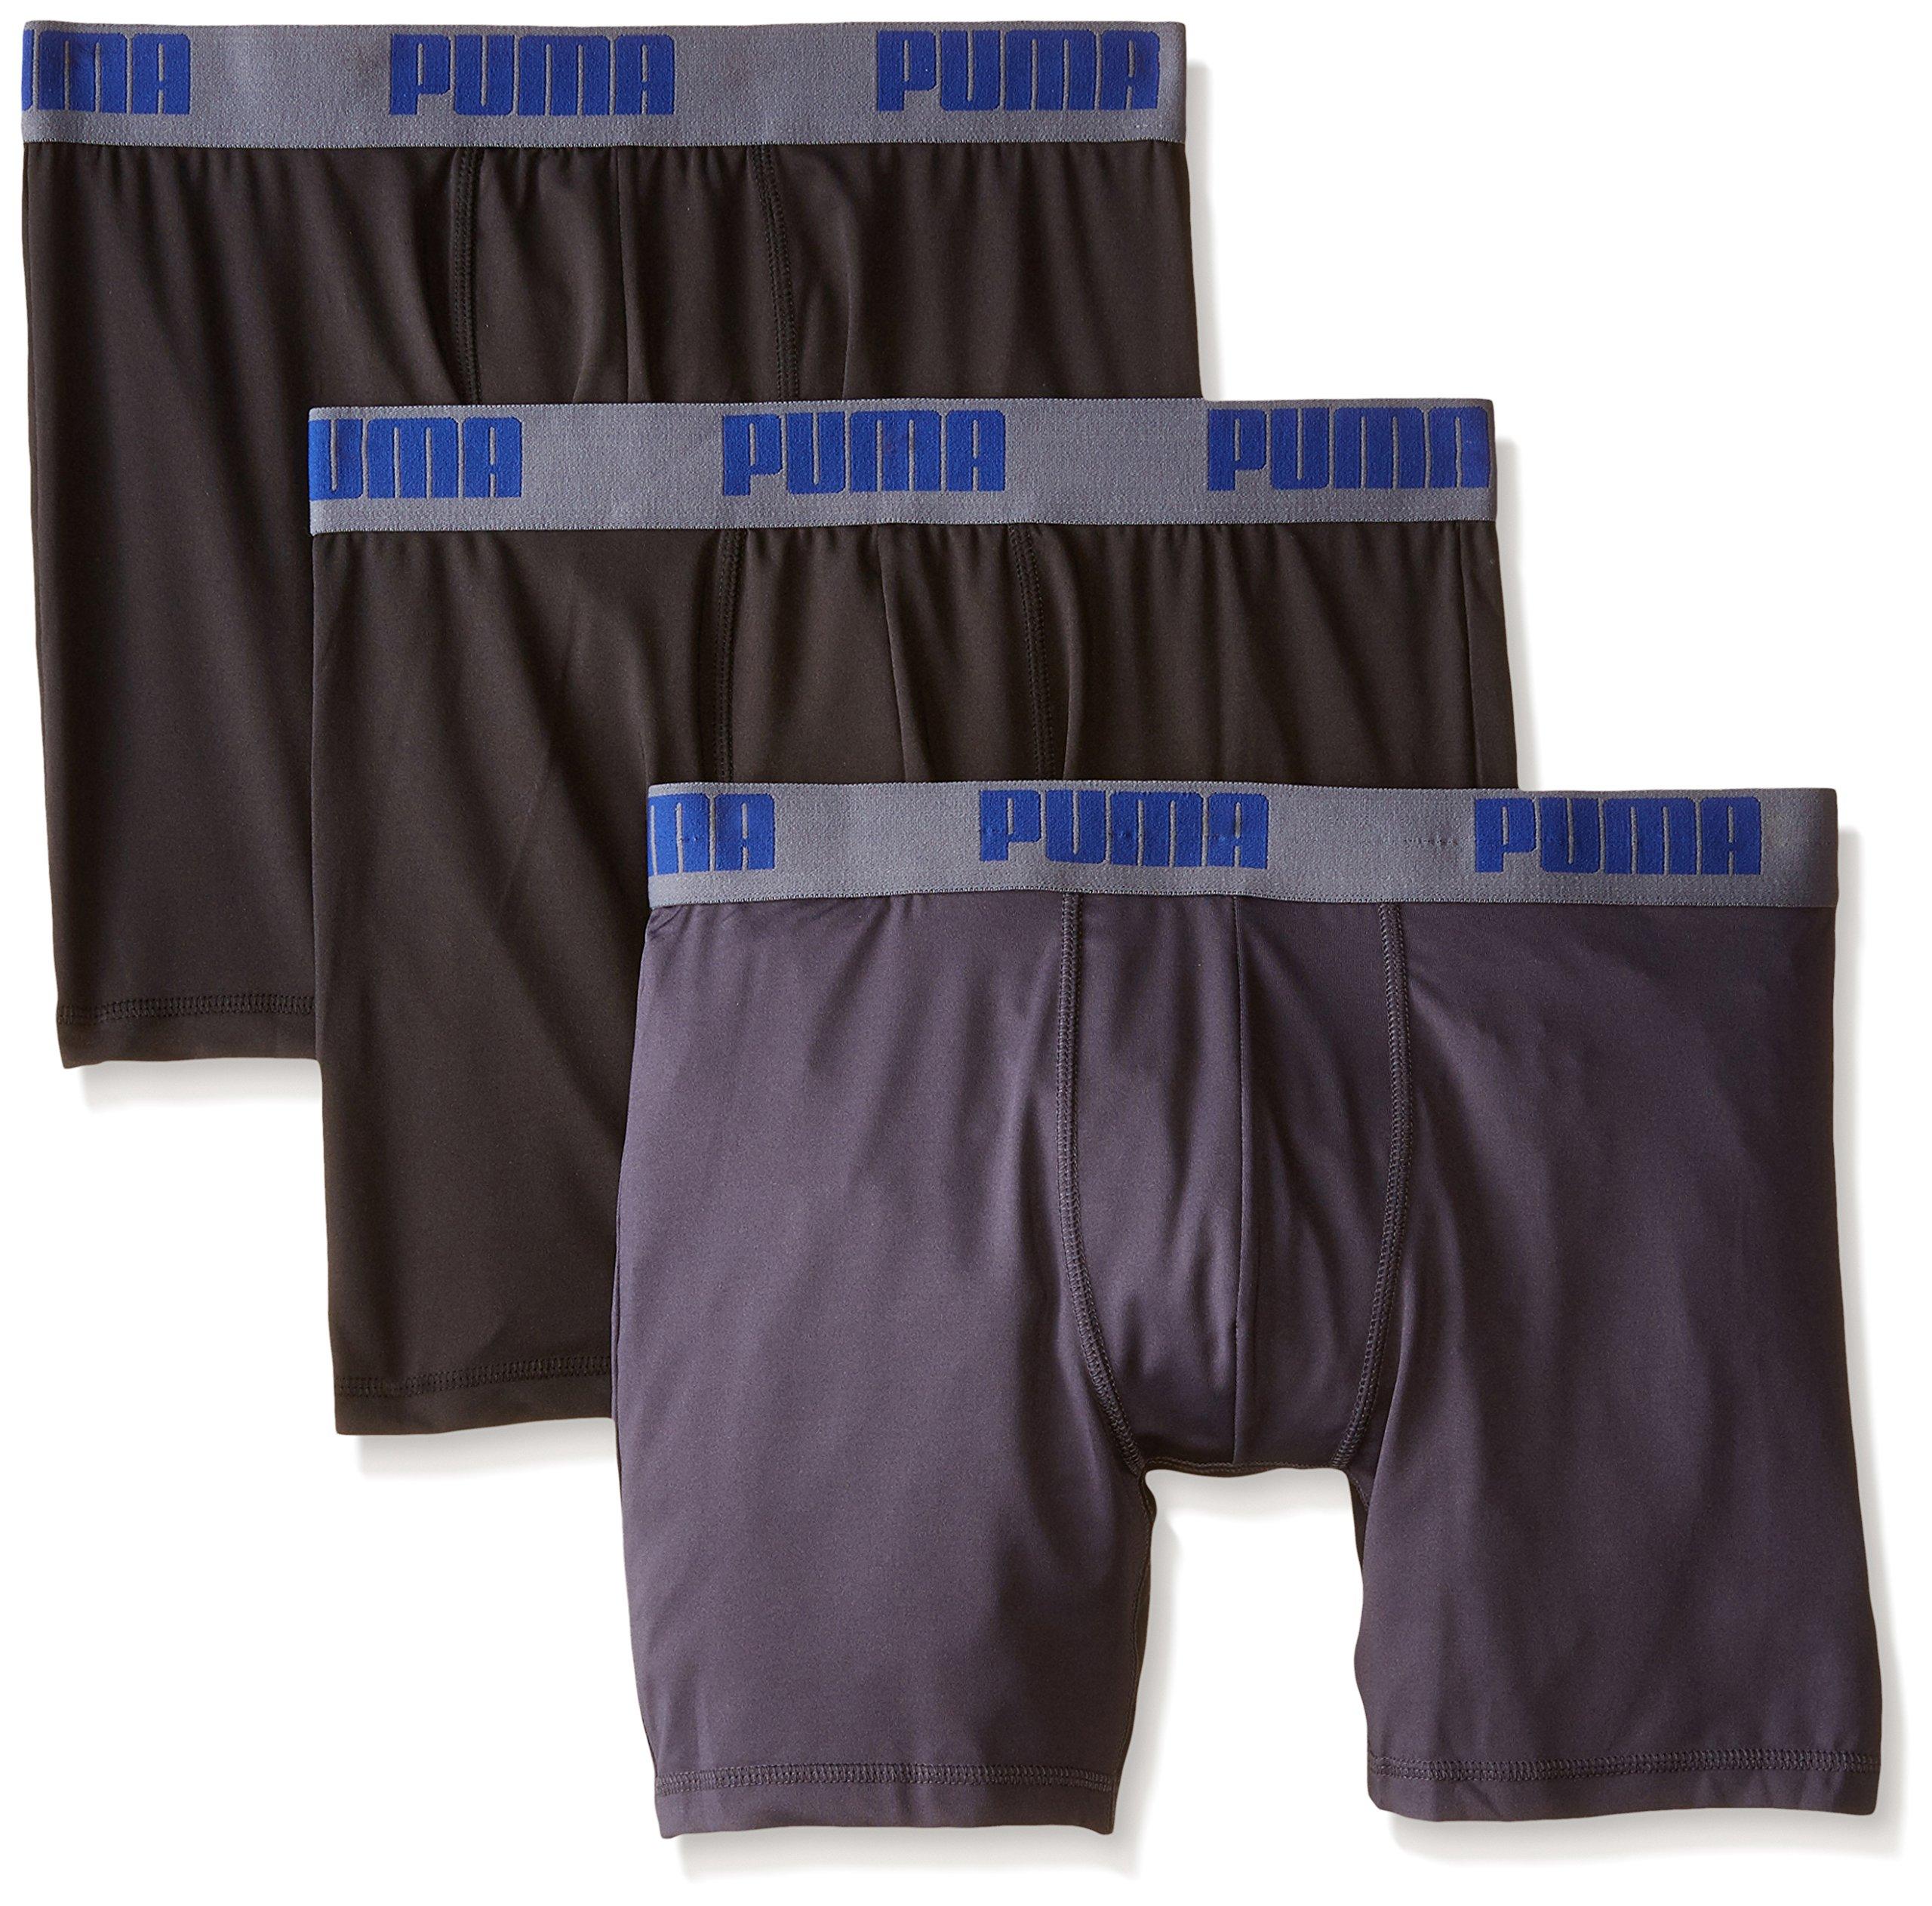 PUMA Men's 3 Pack Boxer Brief, Black/Grey, Medium